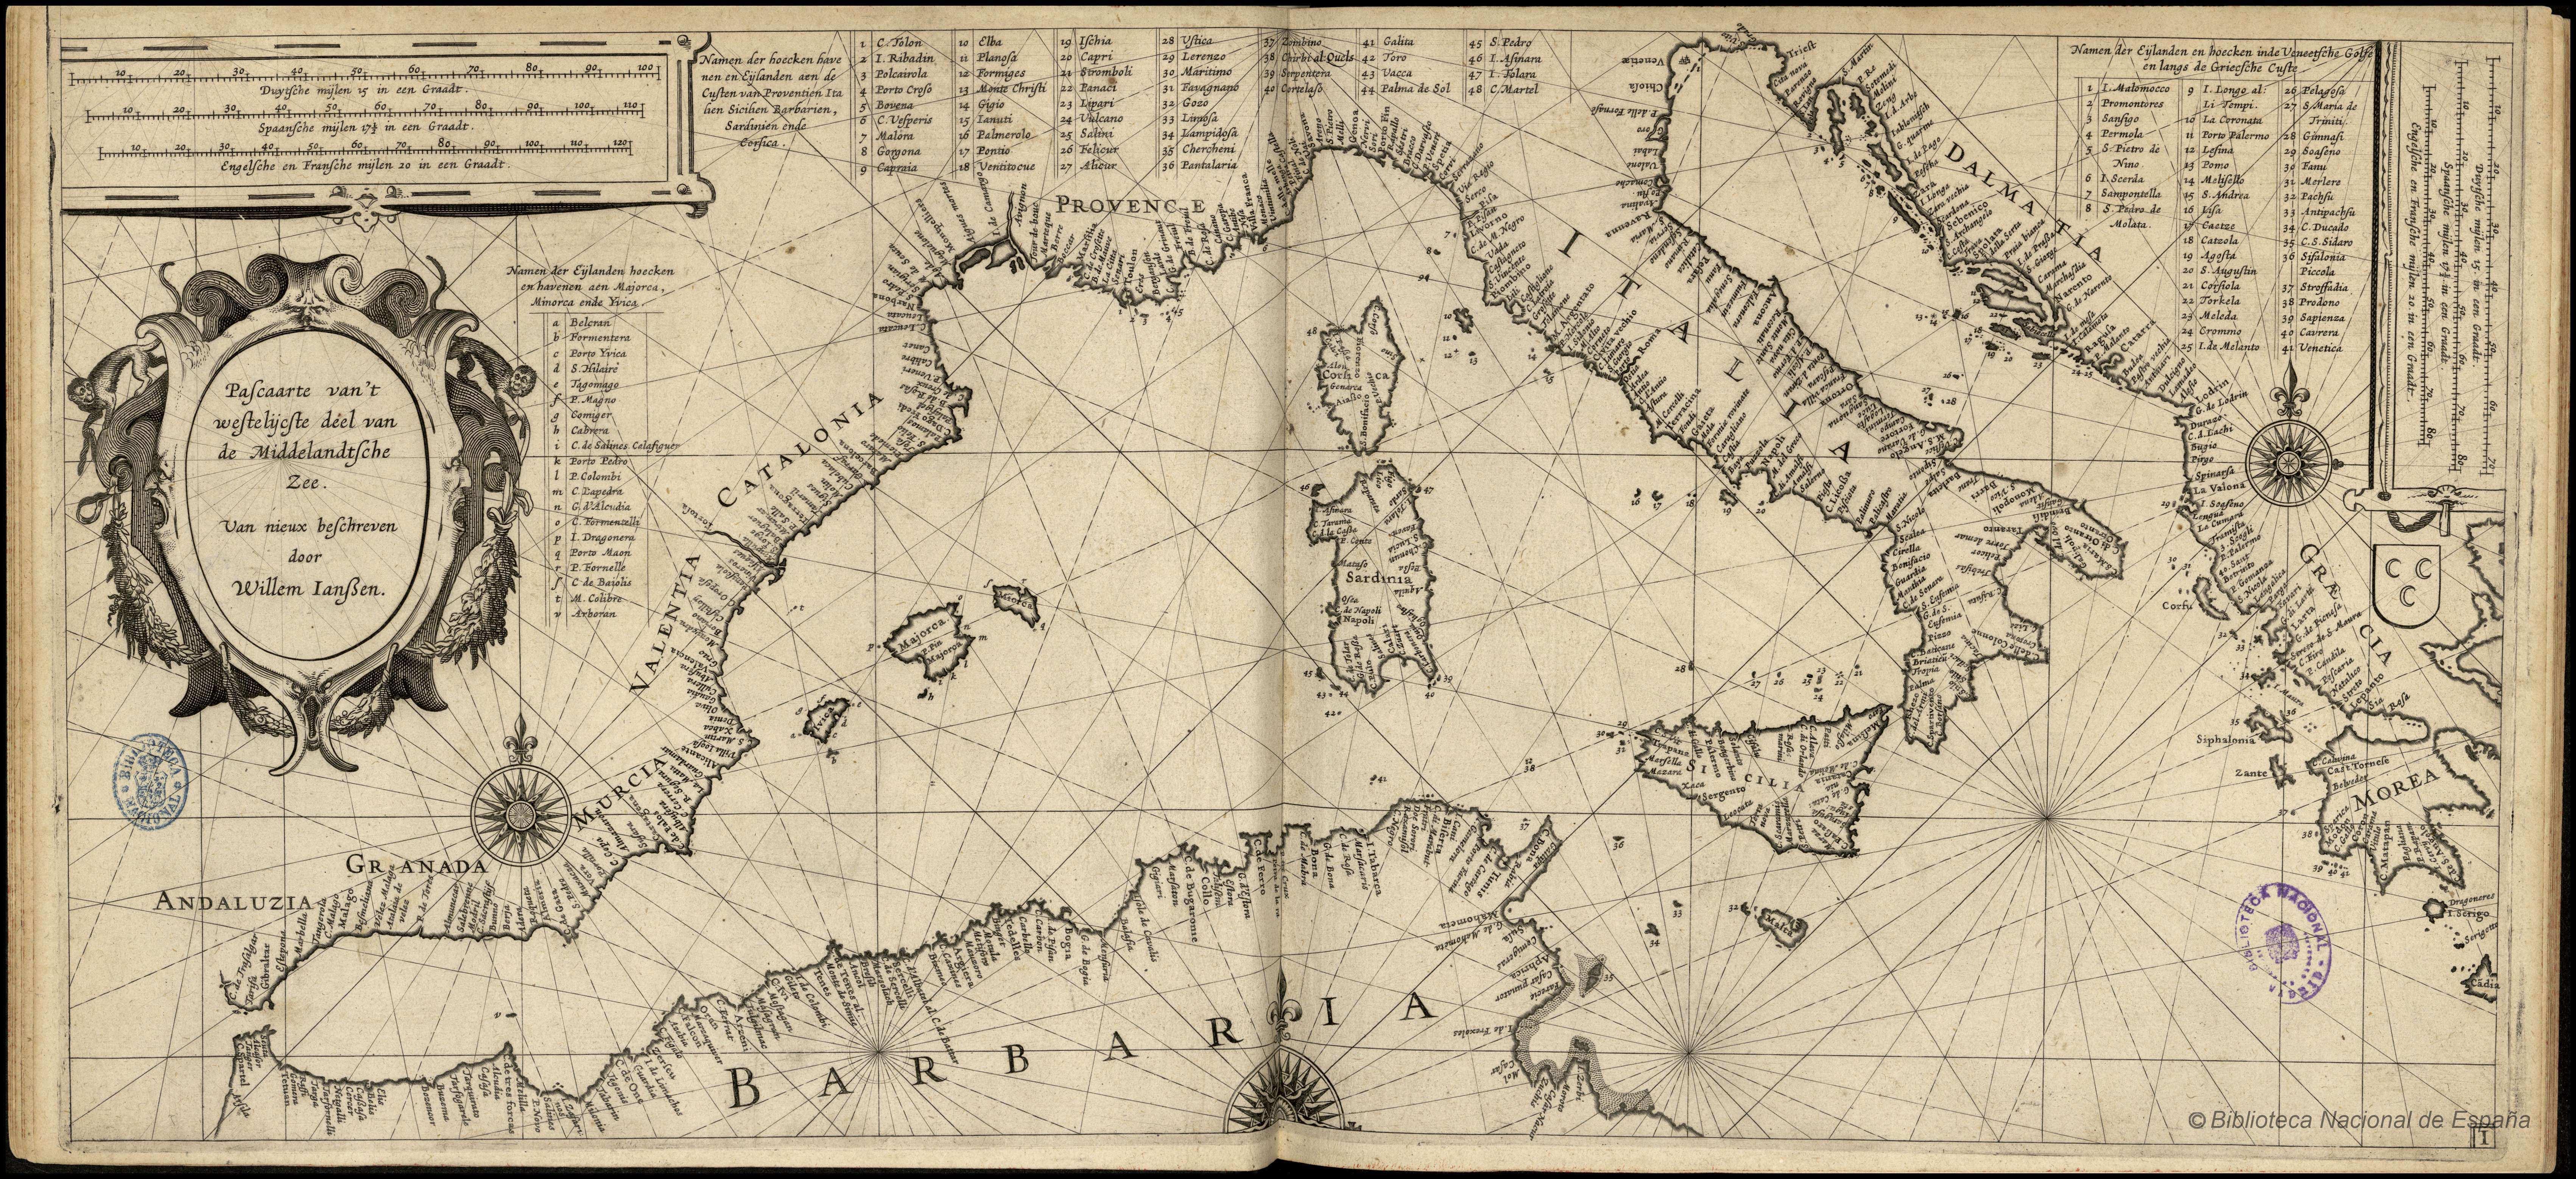 Mediterráneo: el Mar de los mil nombres | Blog Cátedra de Historia